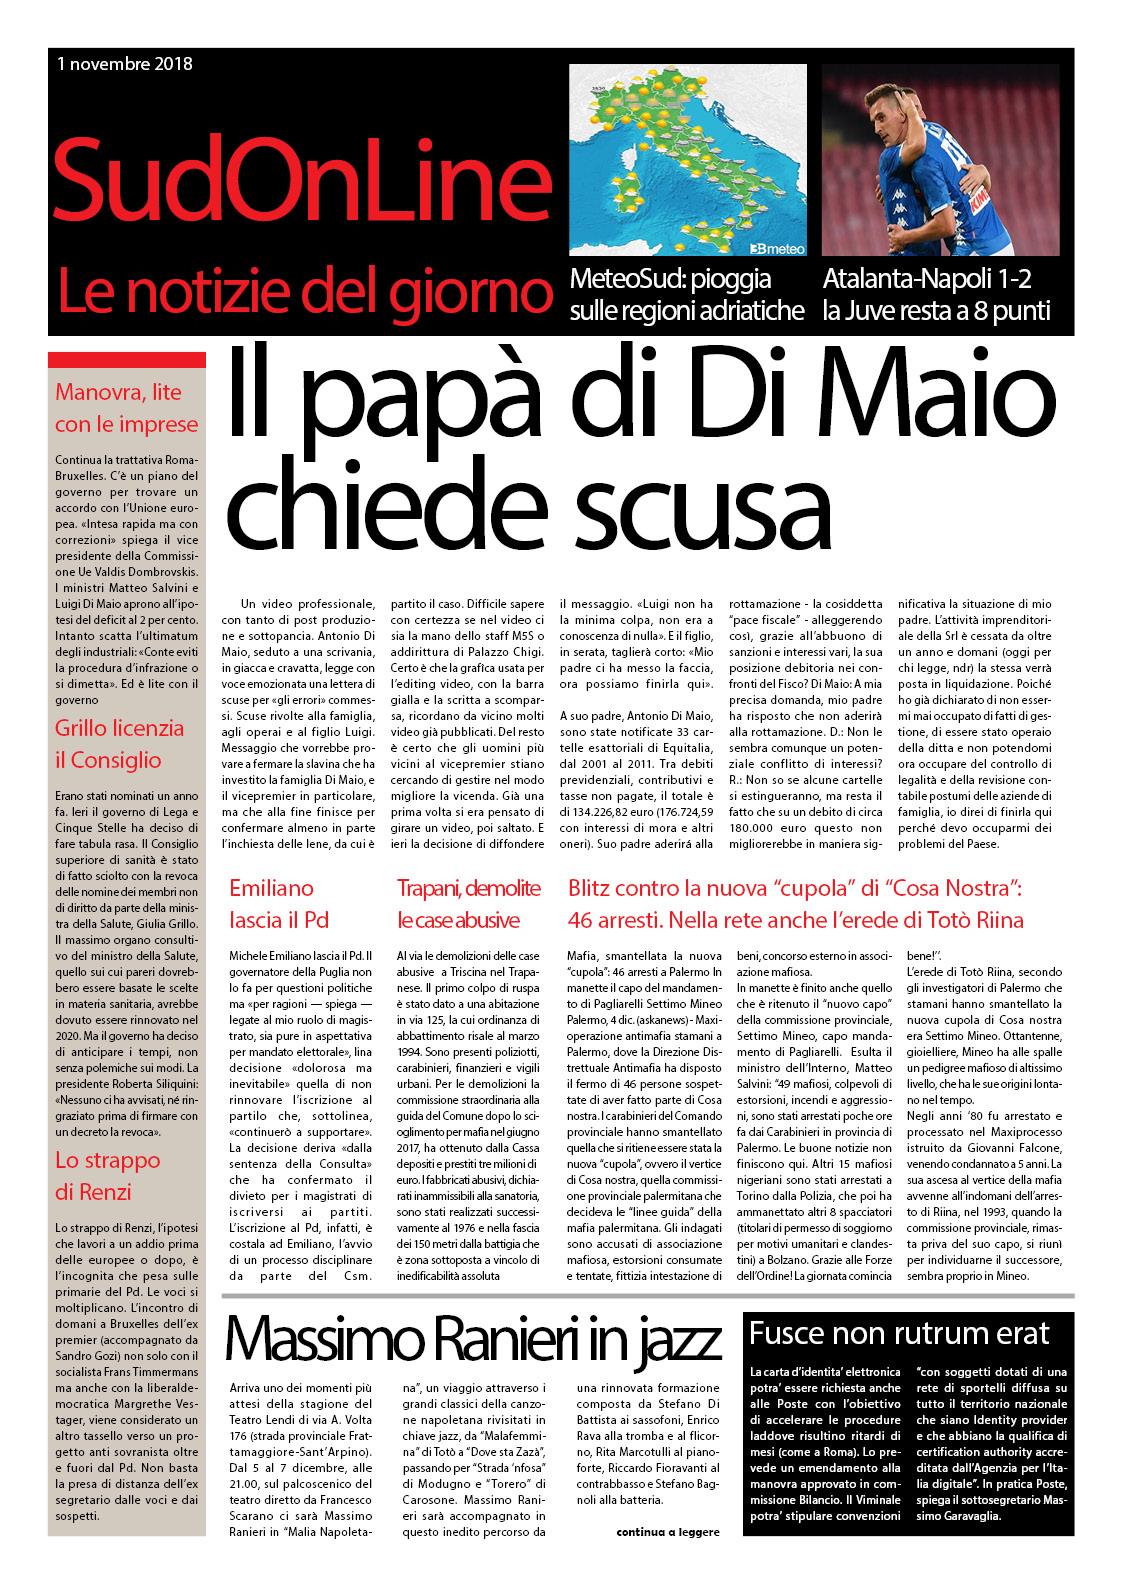 Il SudOnLine Quotidiano del 4 dicembre: arrestato il nuovo capo di Cosa Nostra – Il padre di Di Maio chiude l'aziende e chiede scusa – Il Napoli tiene il passo della Juve